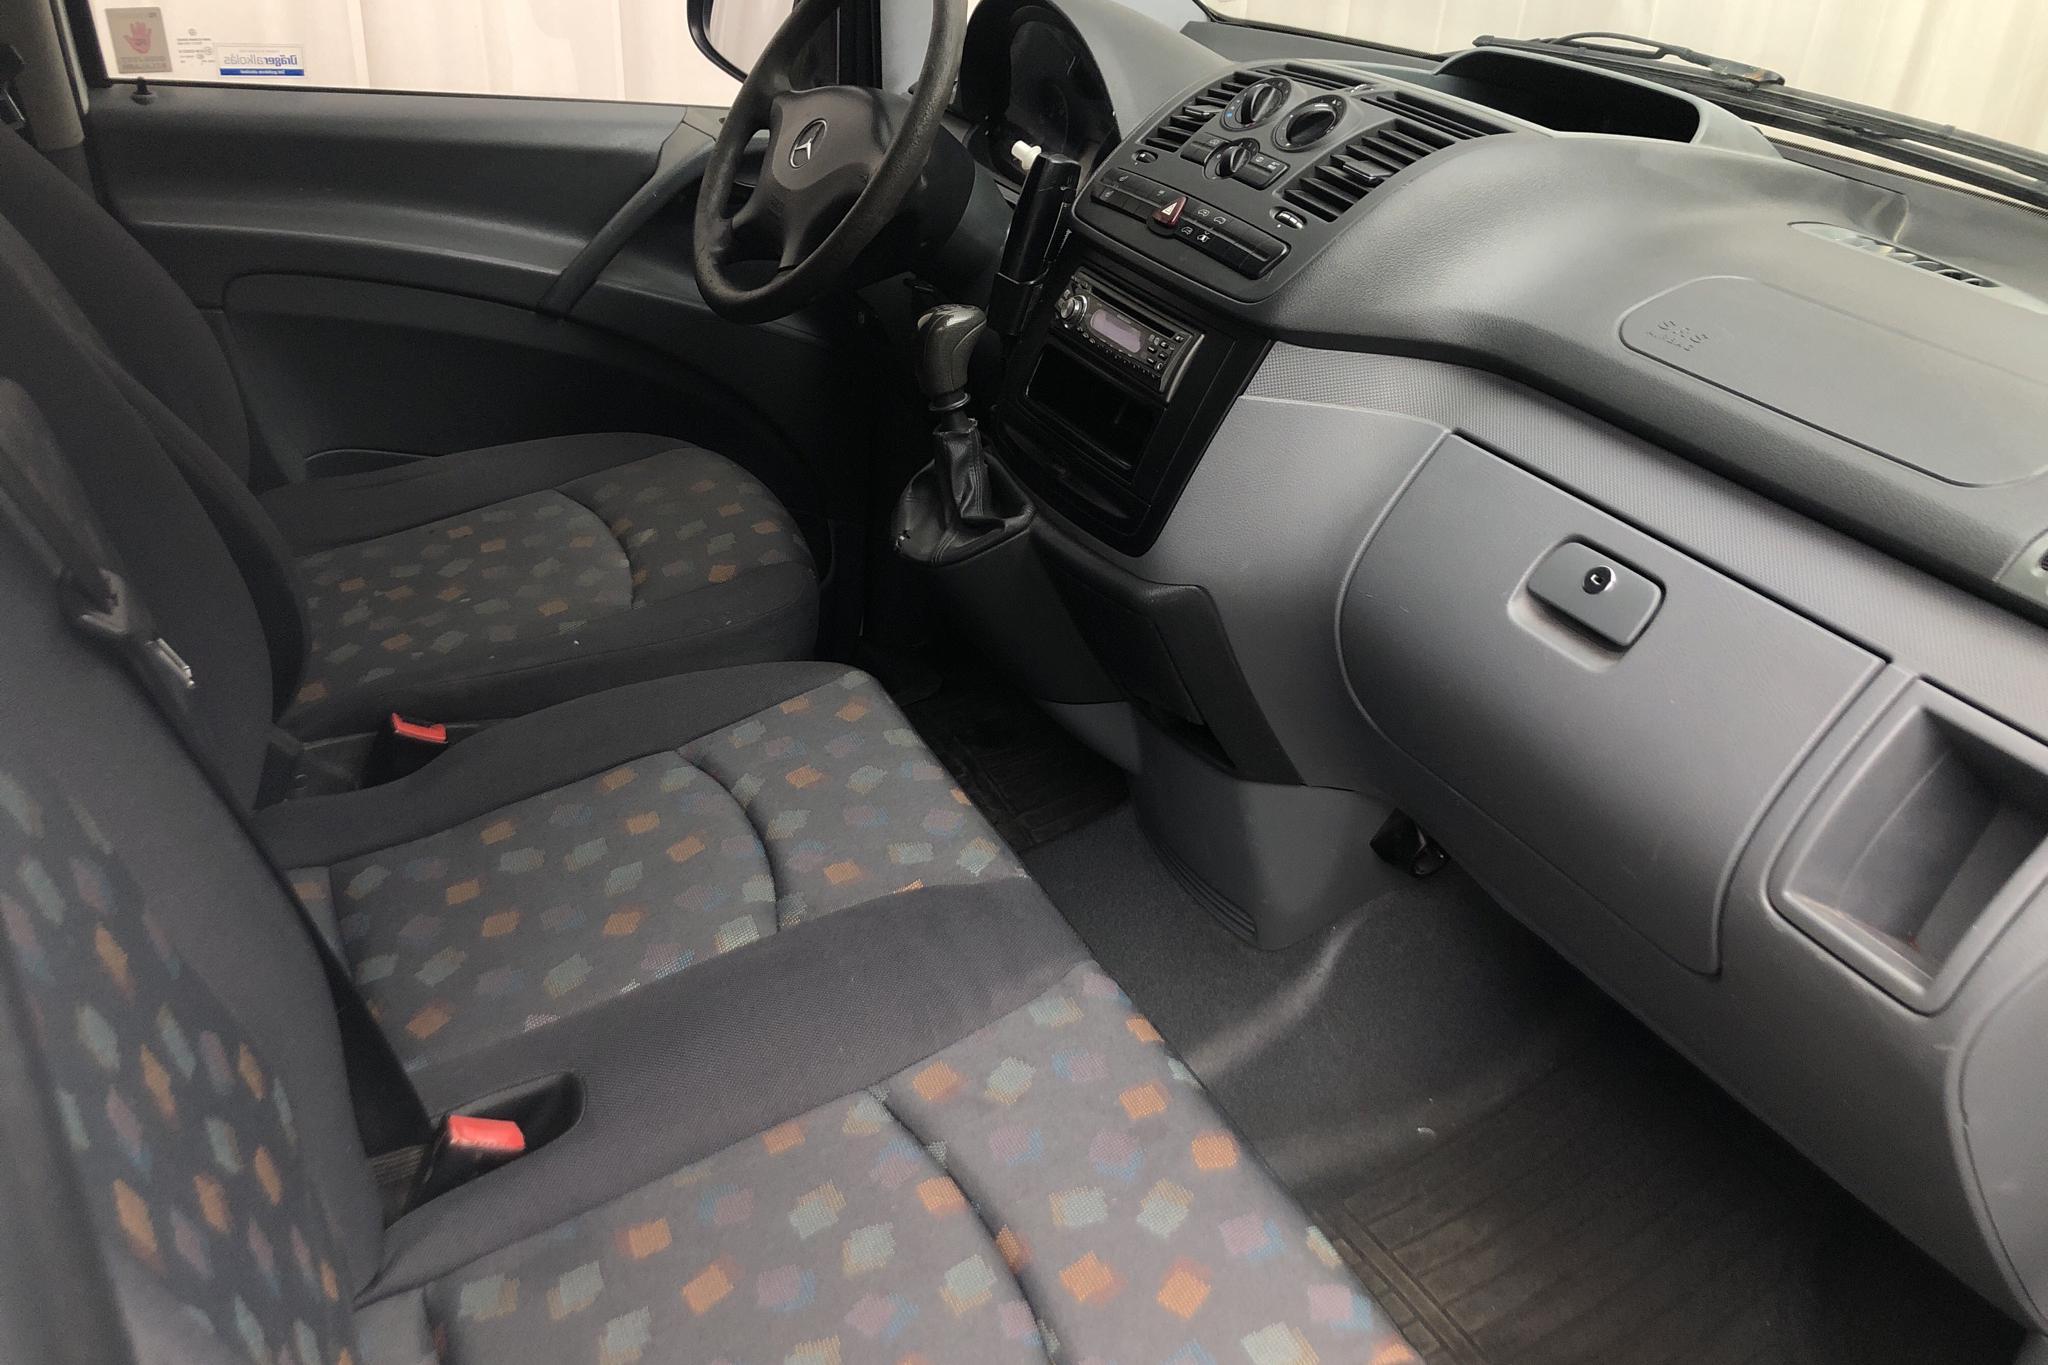 Mercedes Vito 111 CDI Skåp W639 (116hk) - 199 390 km - Manual - white - 2008